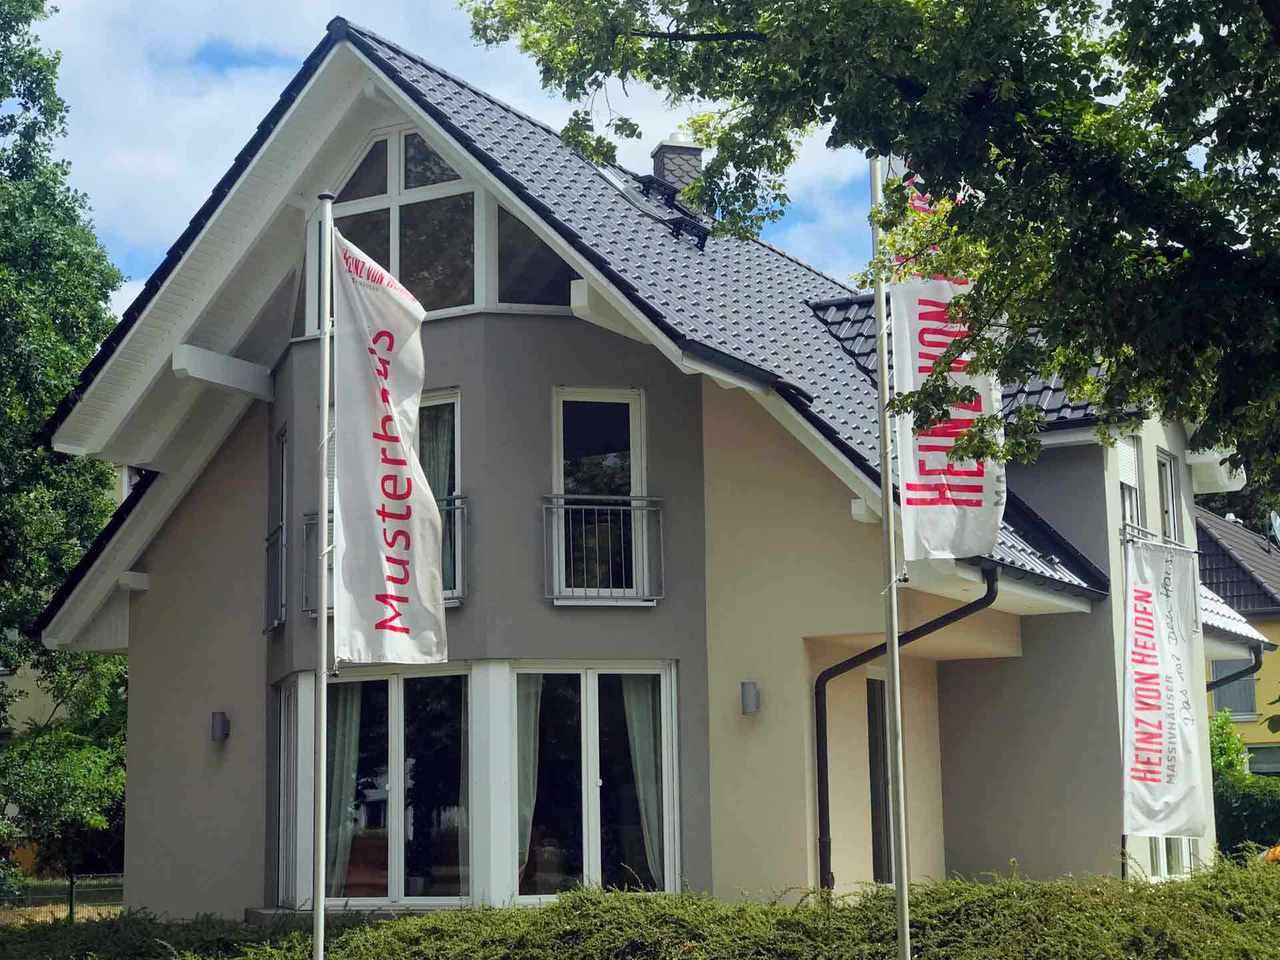 Musterhaus Potsdam - Heinz von Heiden in Berlin & Brandenburg